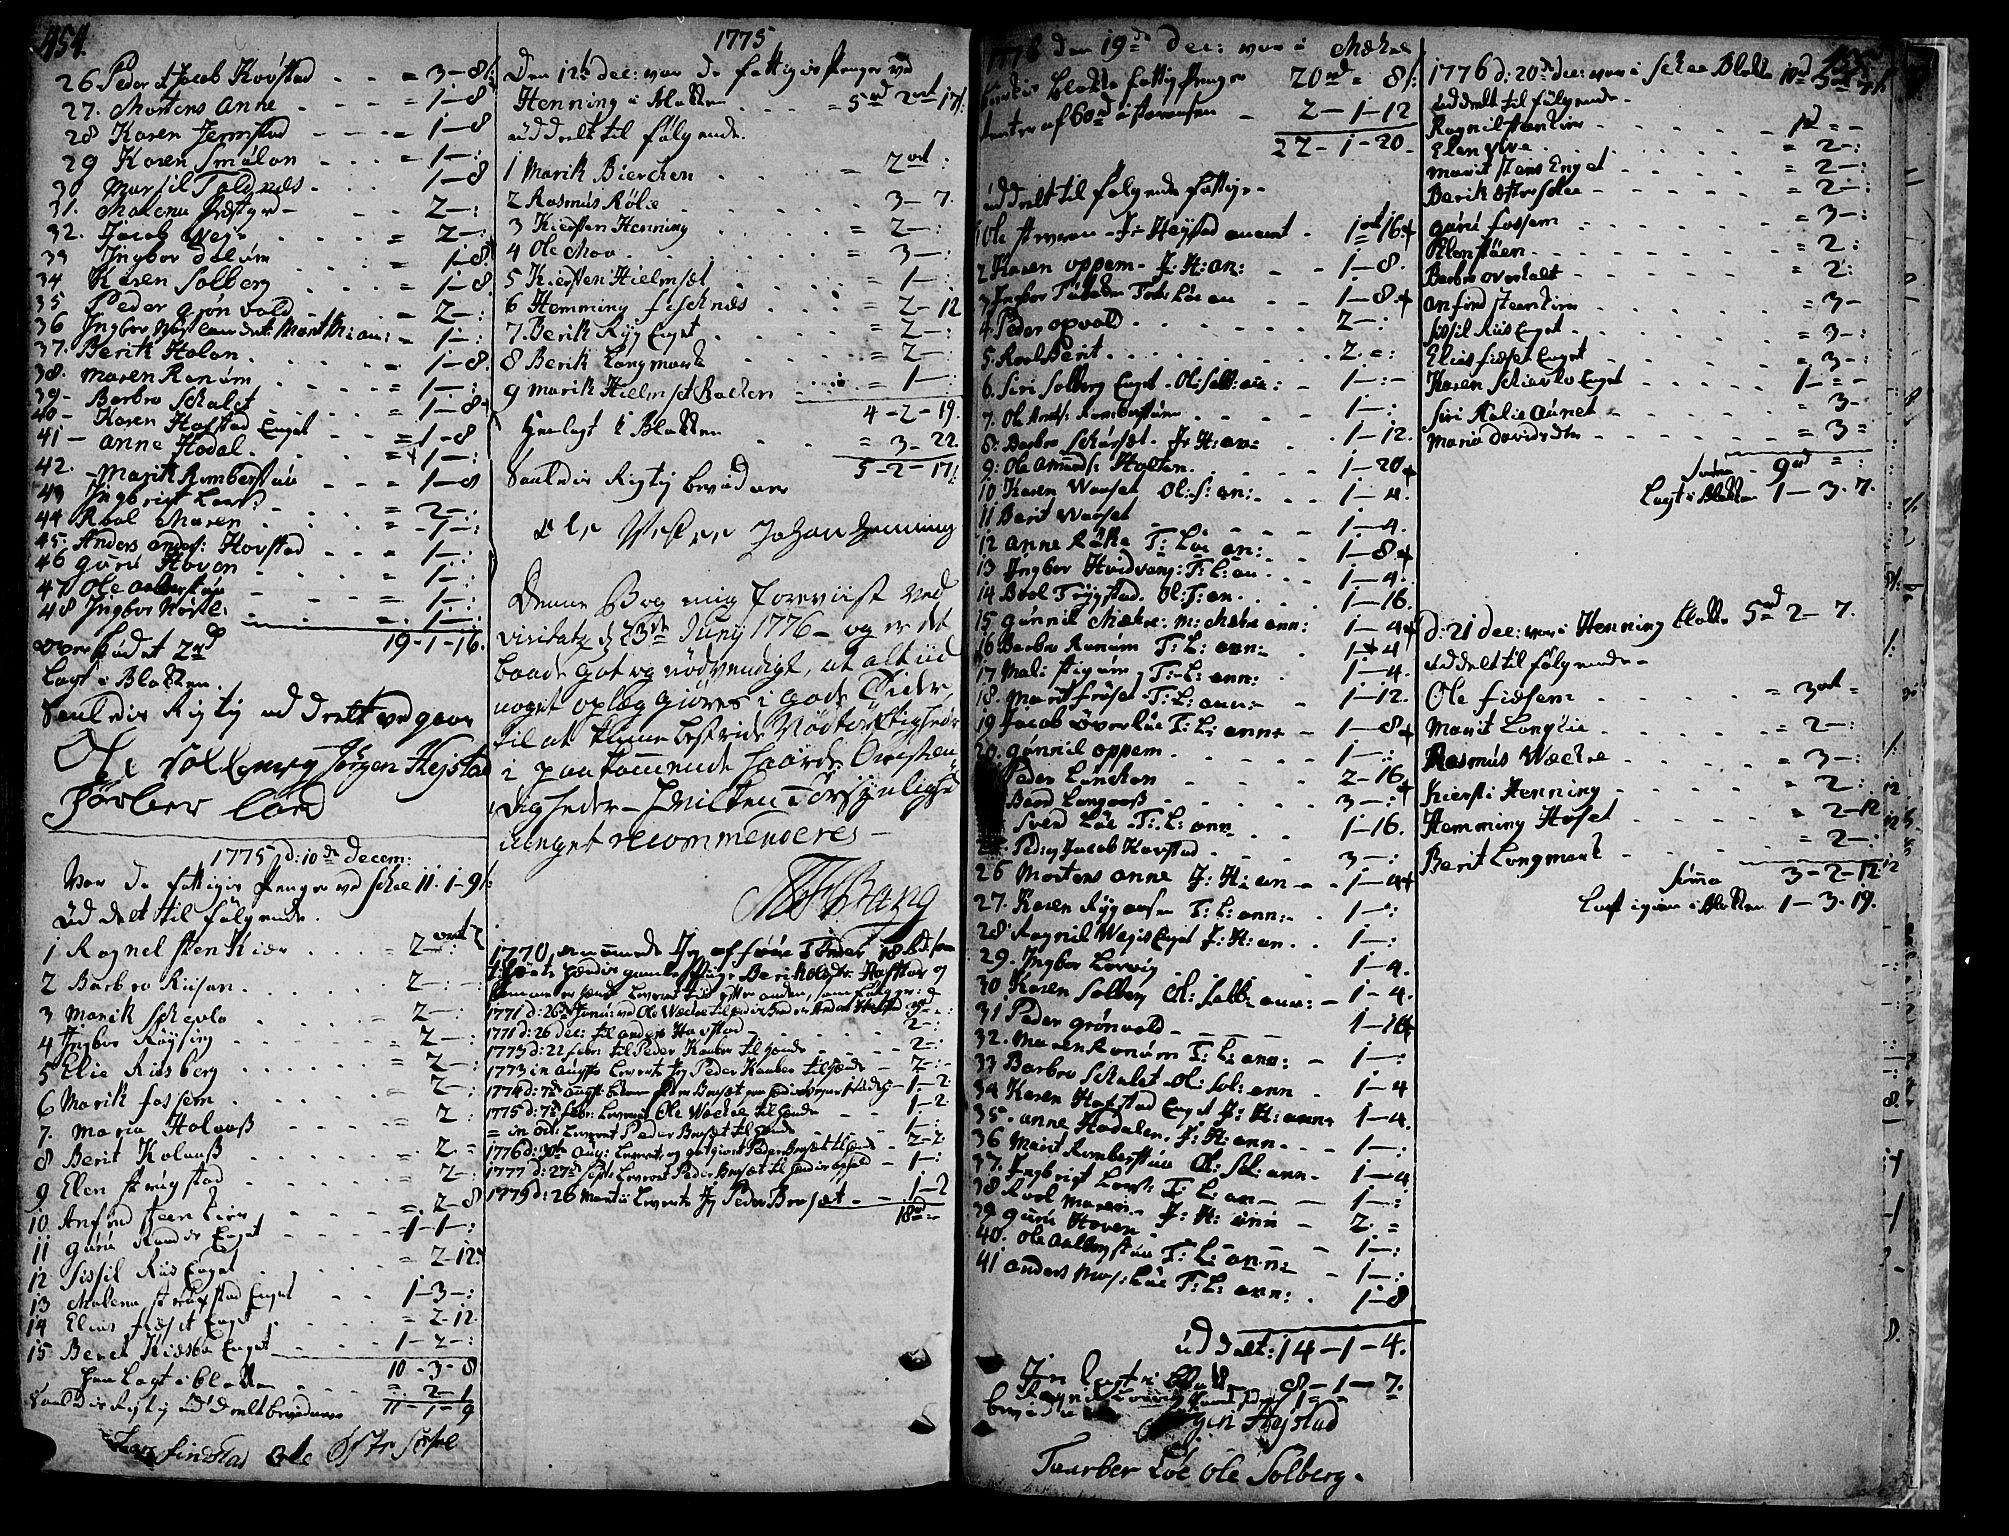 SAT, Ministerialprotokoller, klokkerbøker og fødselsregistre - Nord-Trøndelag, 735/L0331: Ministerialbok nr. 735A02, 1762-1794, s. 454-455